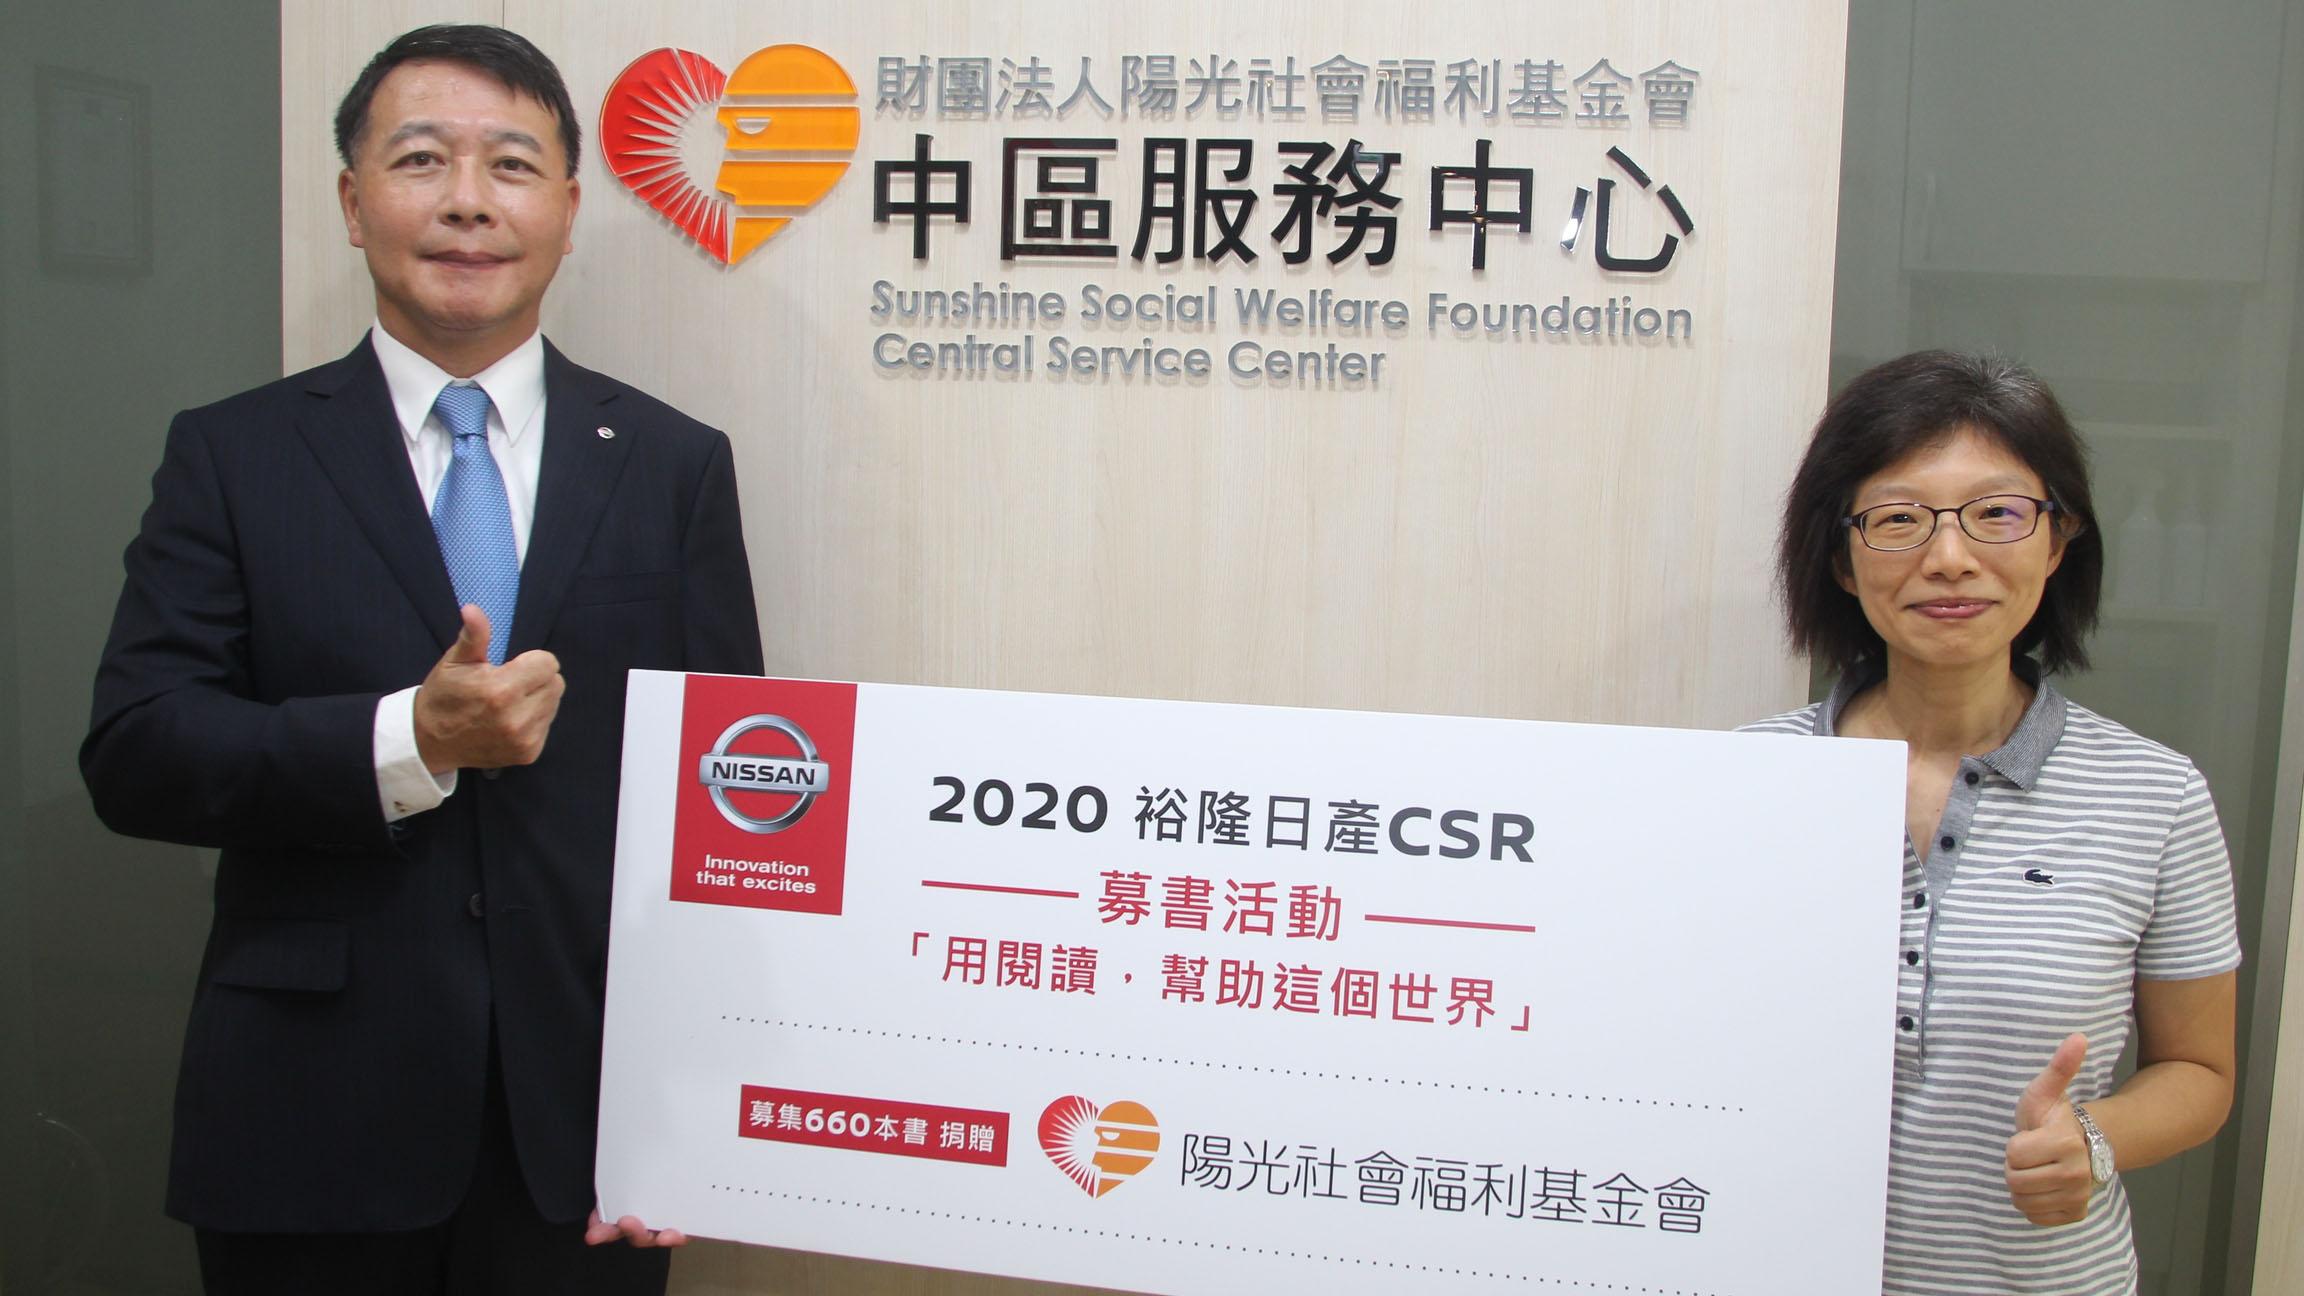 裕隆日產、陽光社會福利基金會舉辦 CSR 募書活動